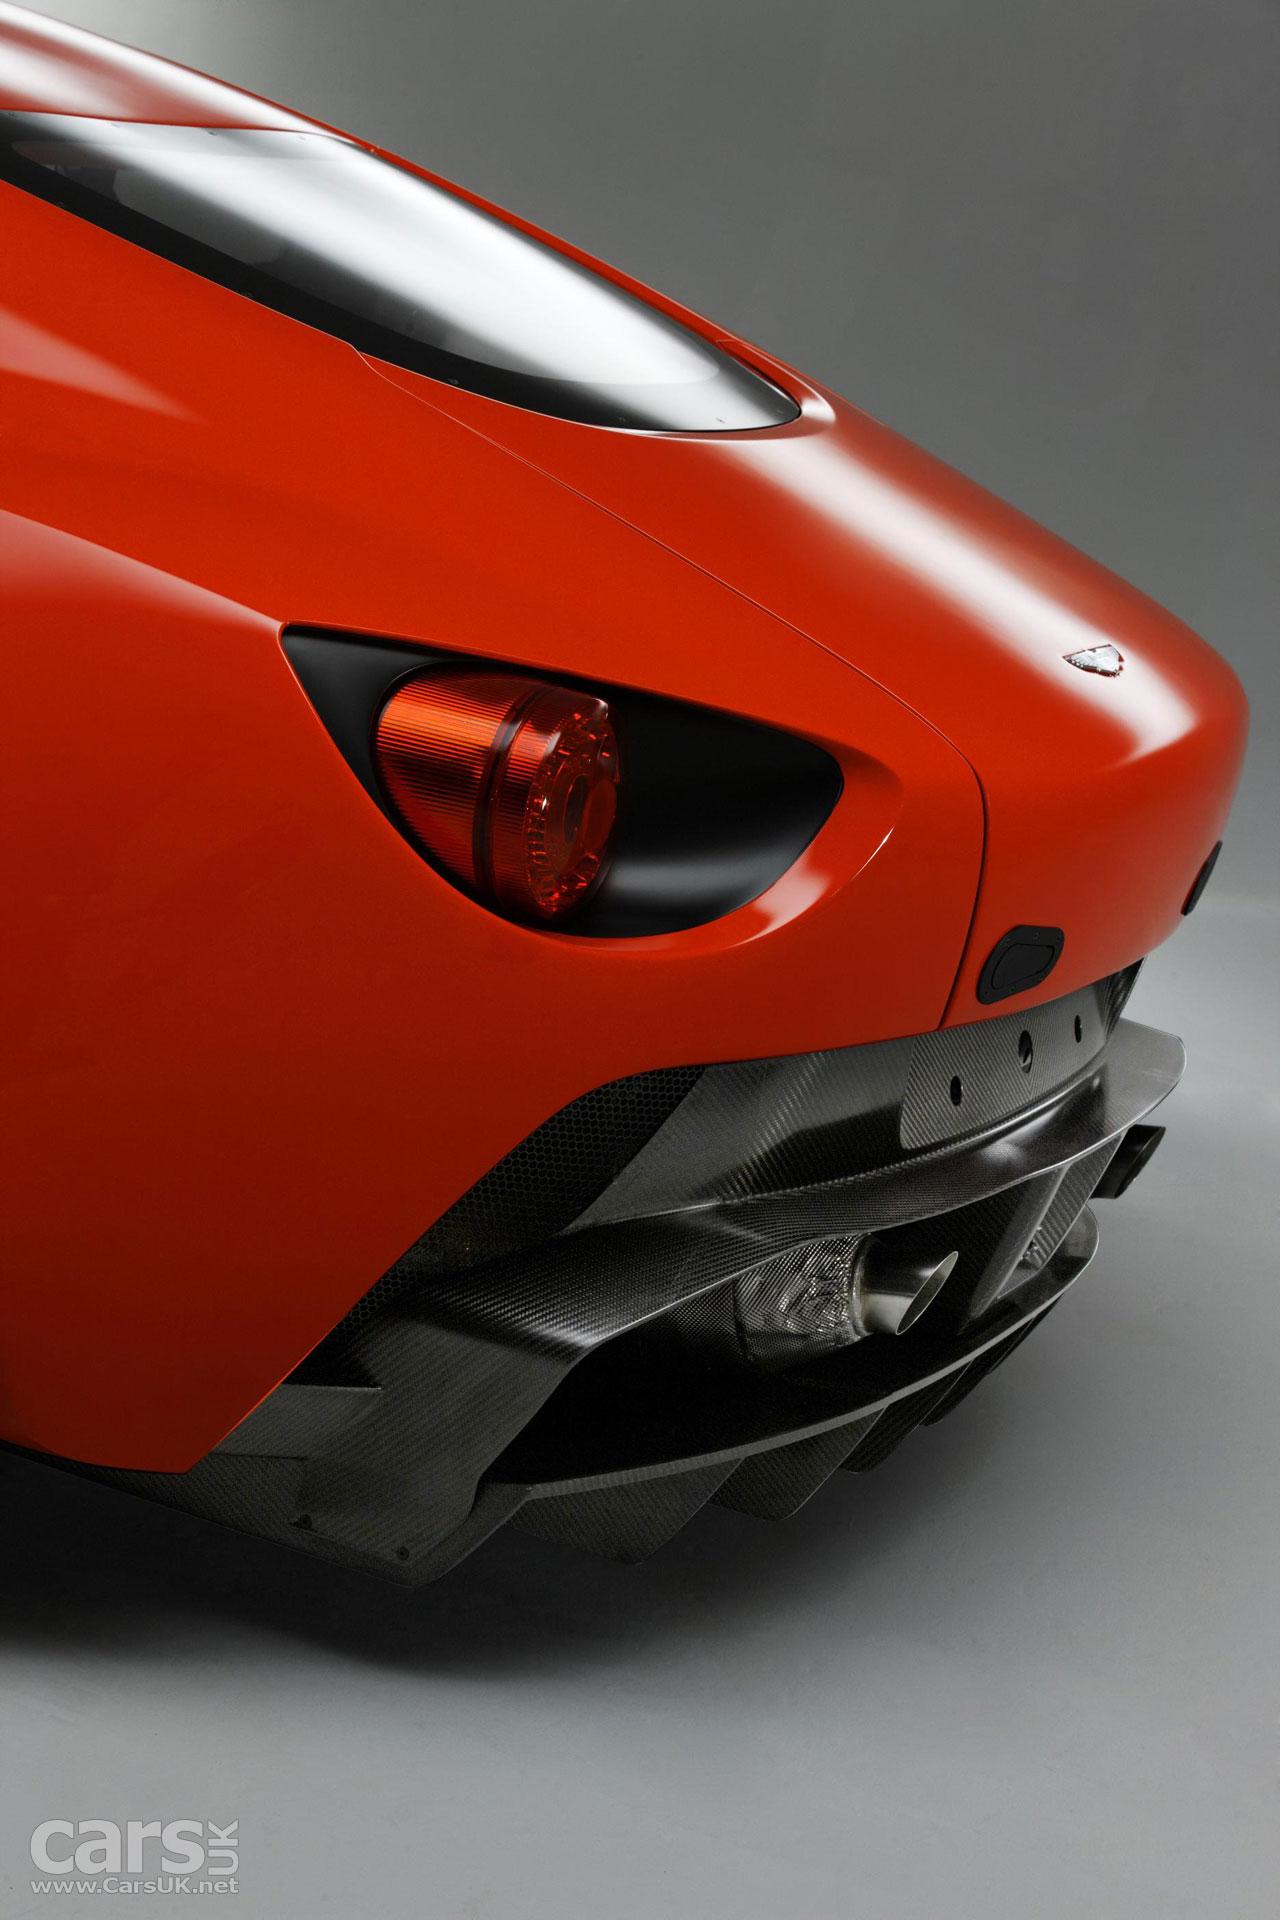 Photos of the Aston Martin V12